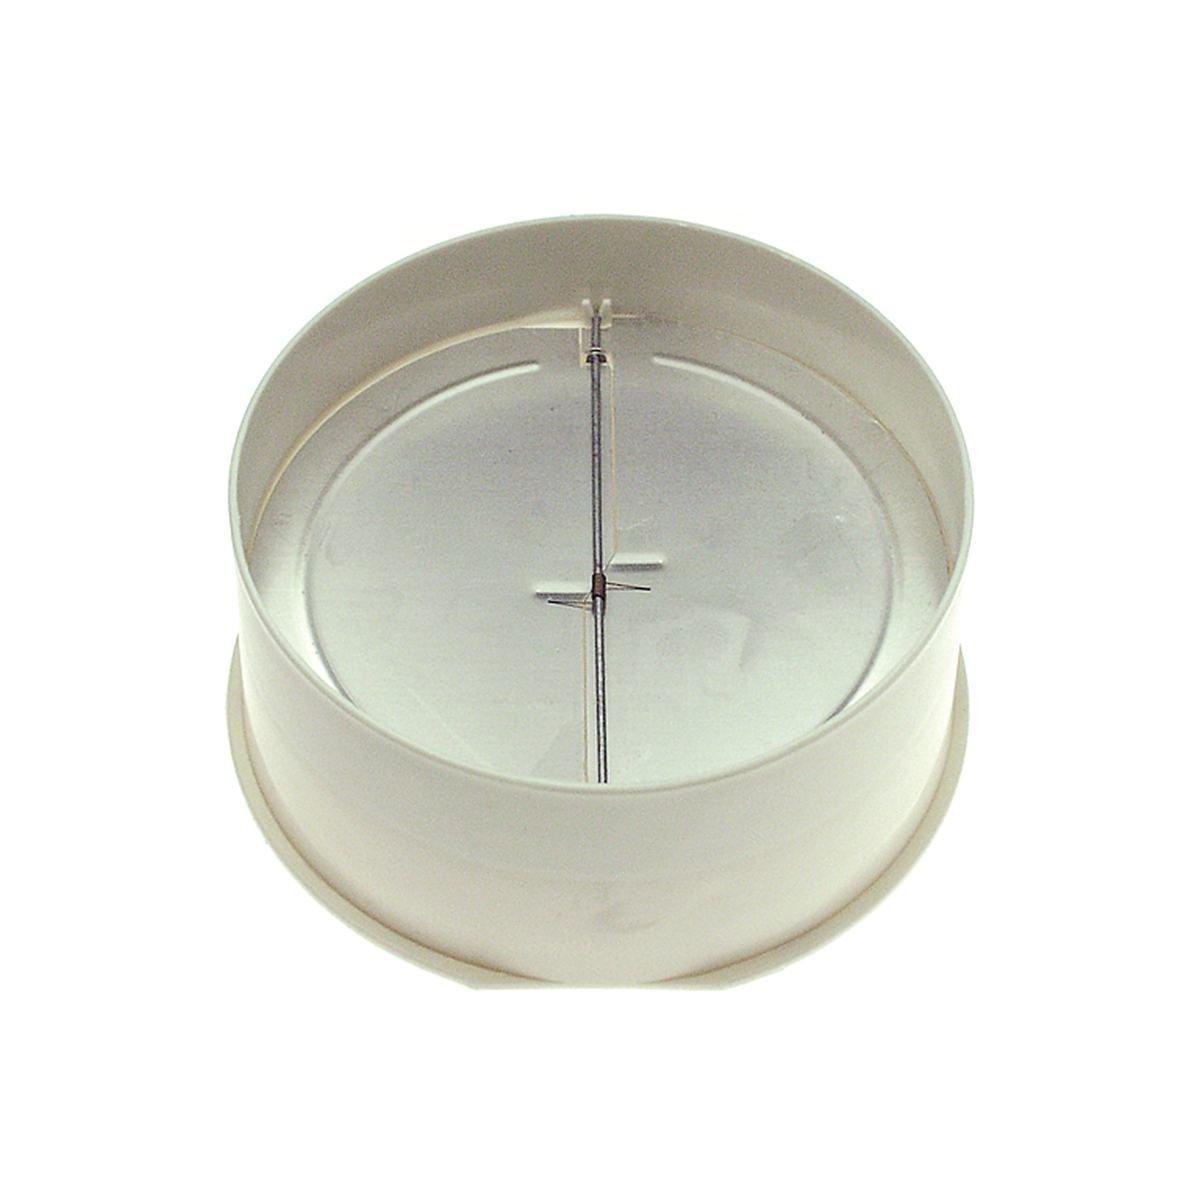 Flange med spjæld Ø150 mm.